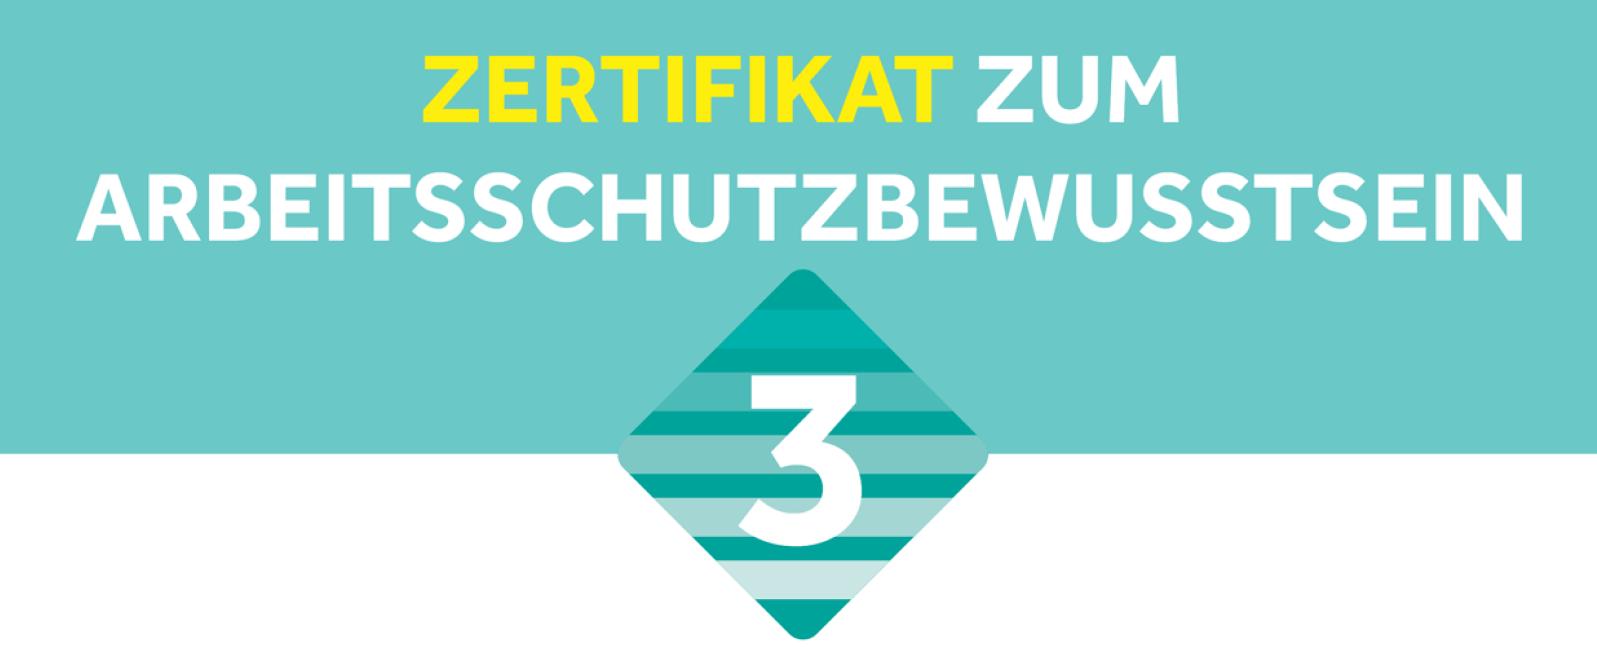 Der Bereich HSI erhält SCL Zertifikat für erhöhtes Arbeitsschutz-Bewusstsein